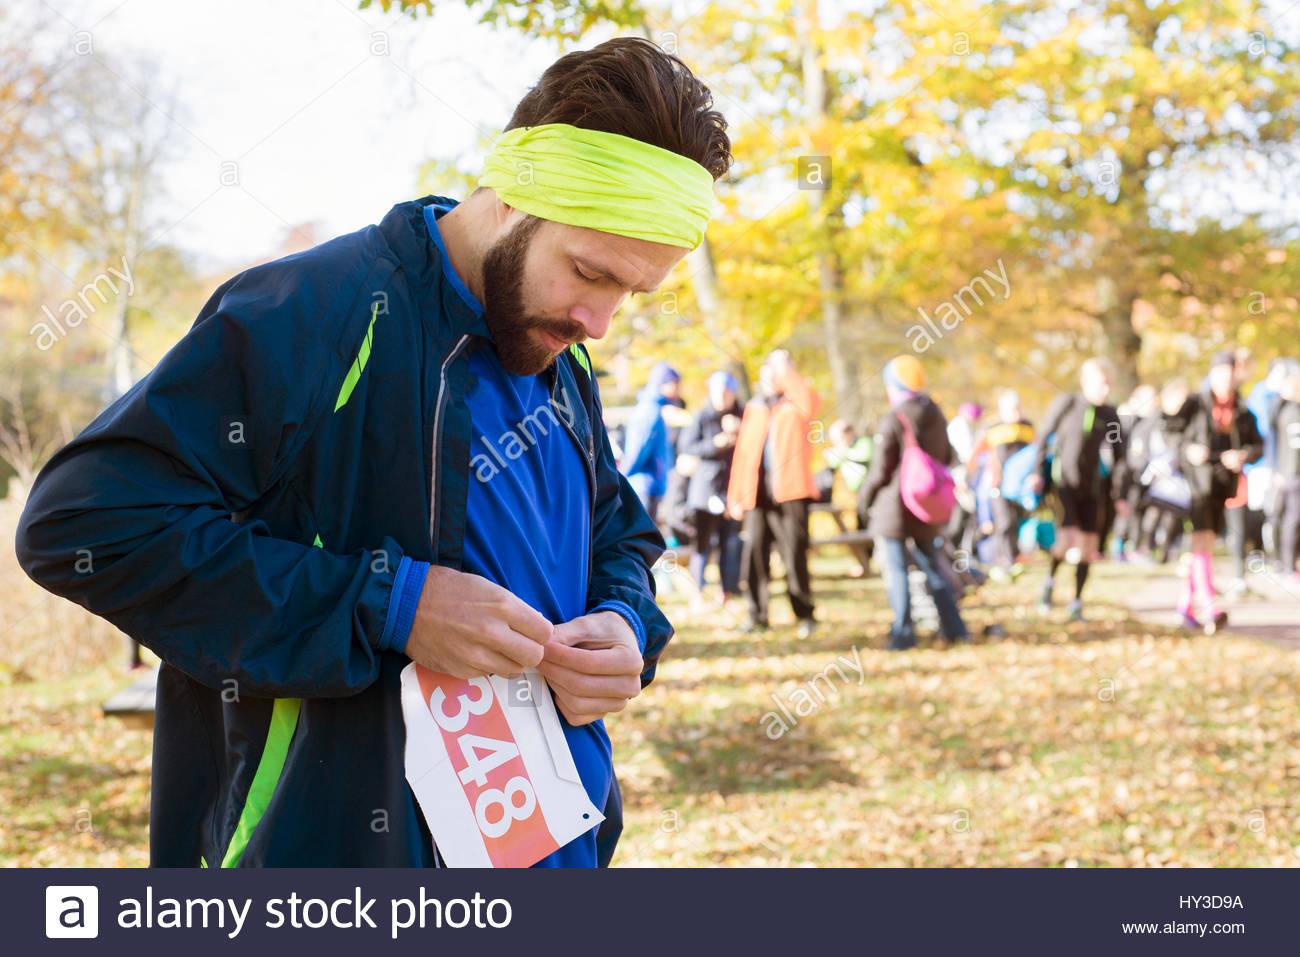 Suecia, hombre vestido con ropa deportiva preparando para la carrera Imagen De Stock